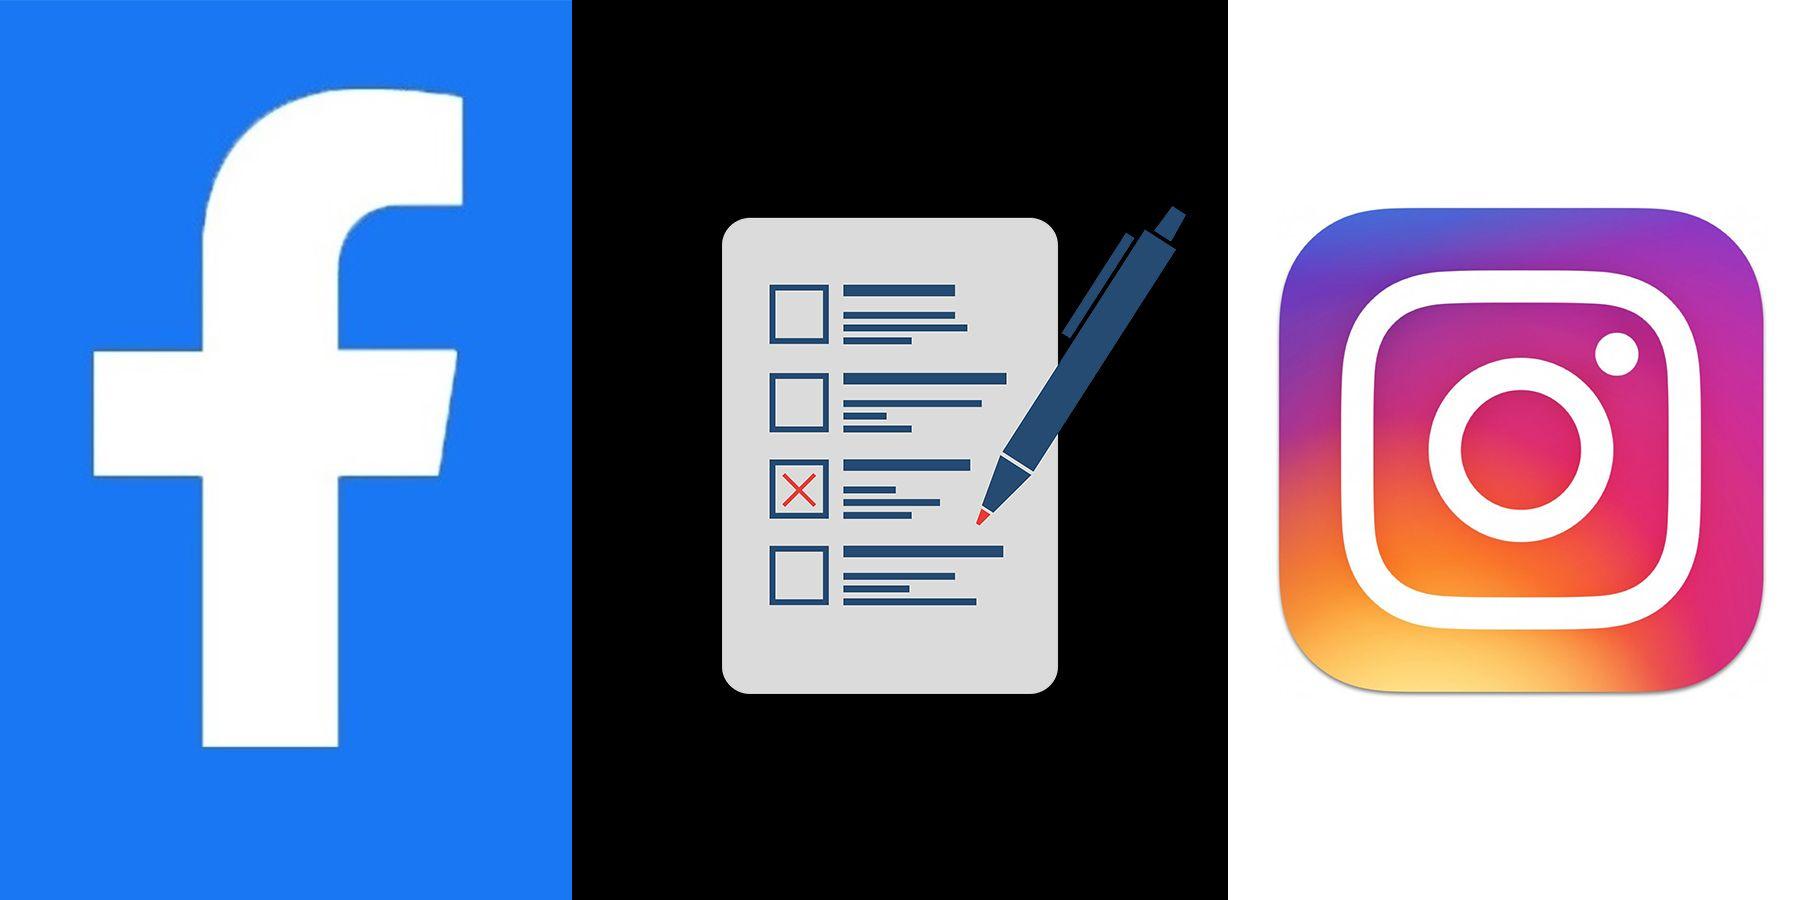 Come segnalare una violazione del copyright su Facebook e Instagram